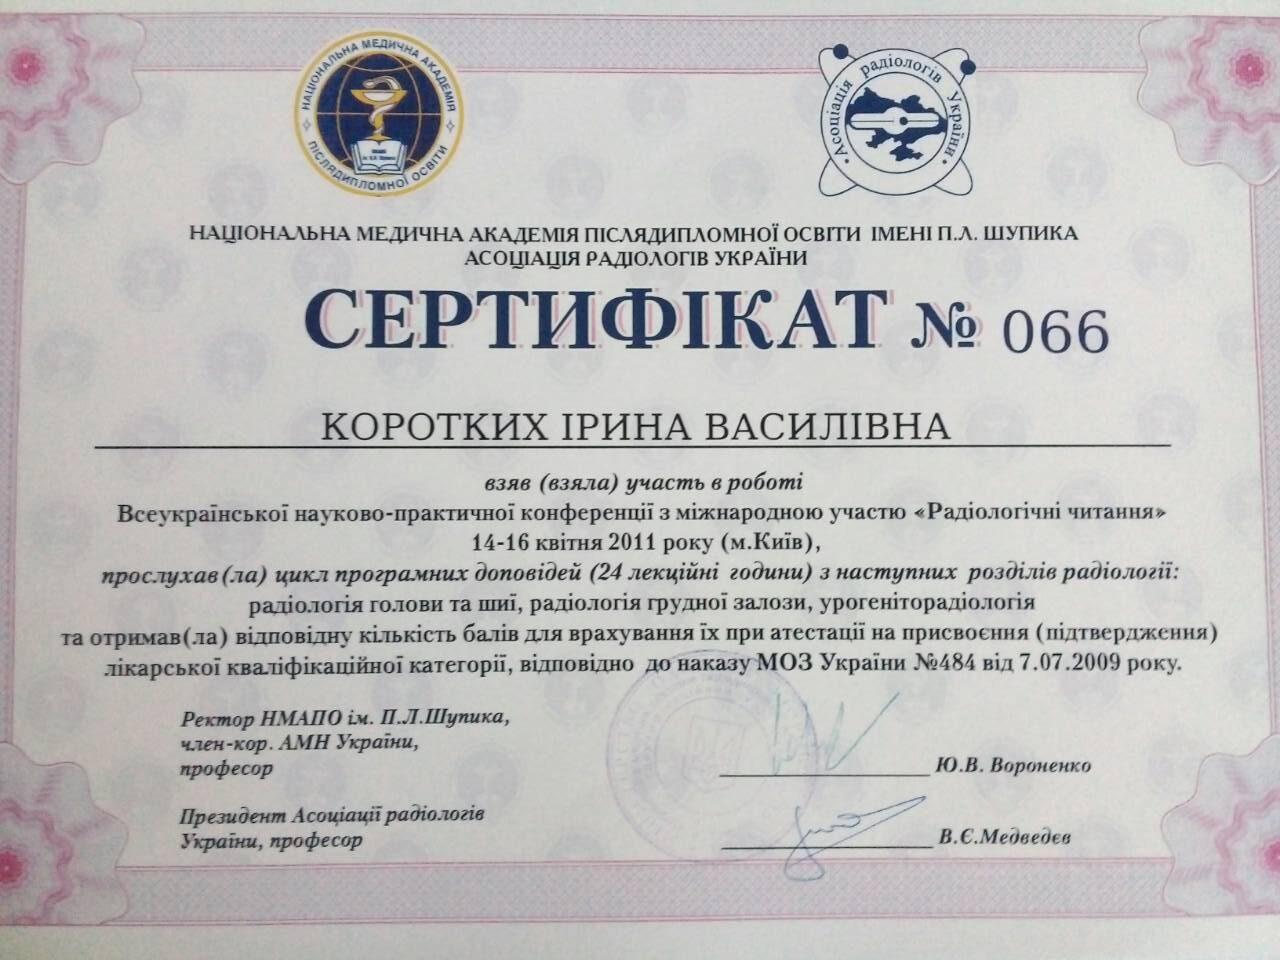 Коротких Ирина Васильевна 03